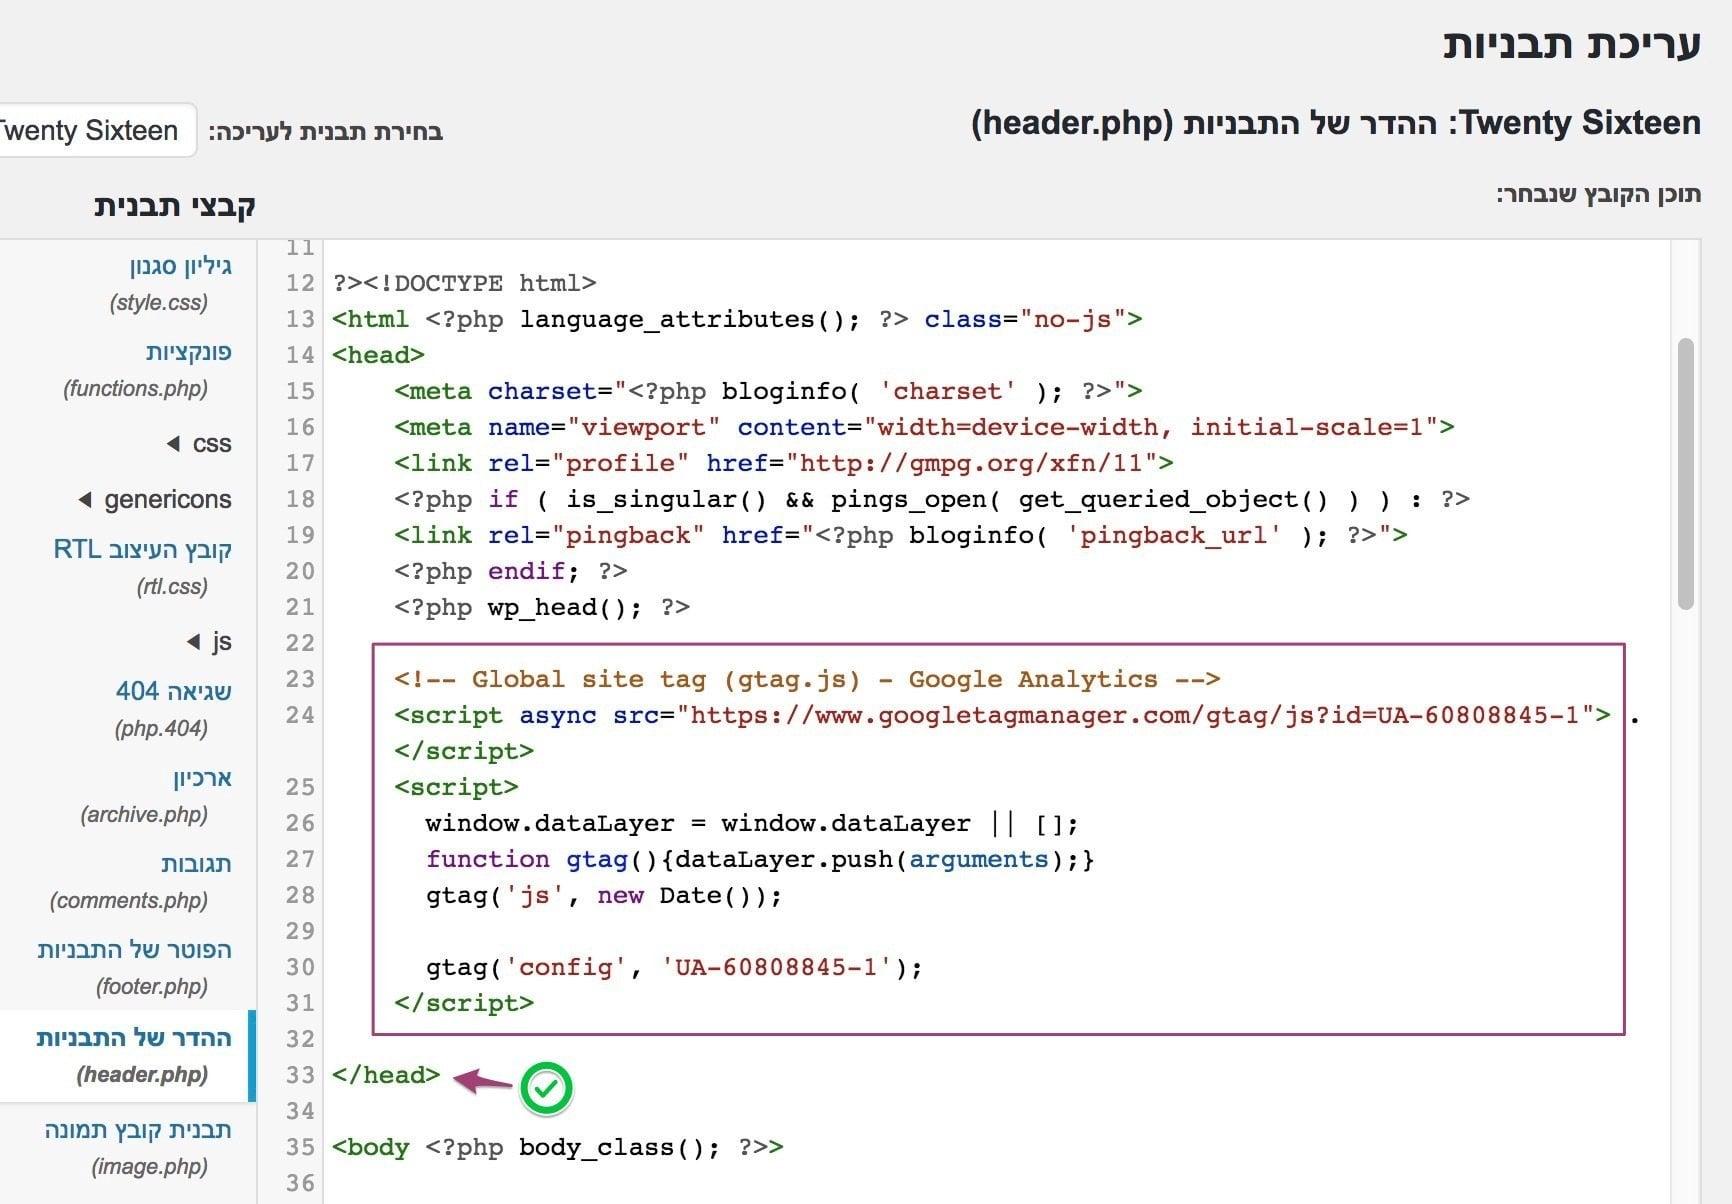 הוספת גוגל אנליטיקס דרך ממשק הניהול של וורדפרס